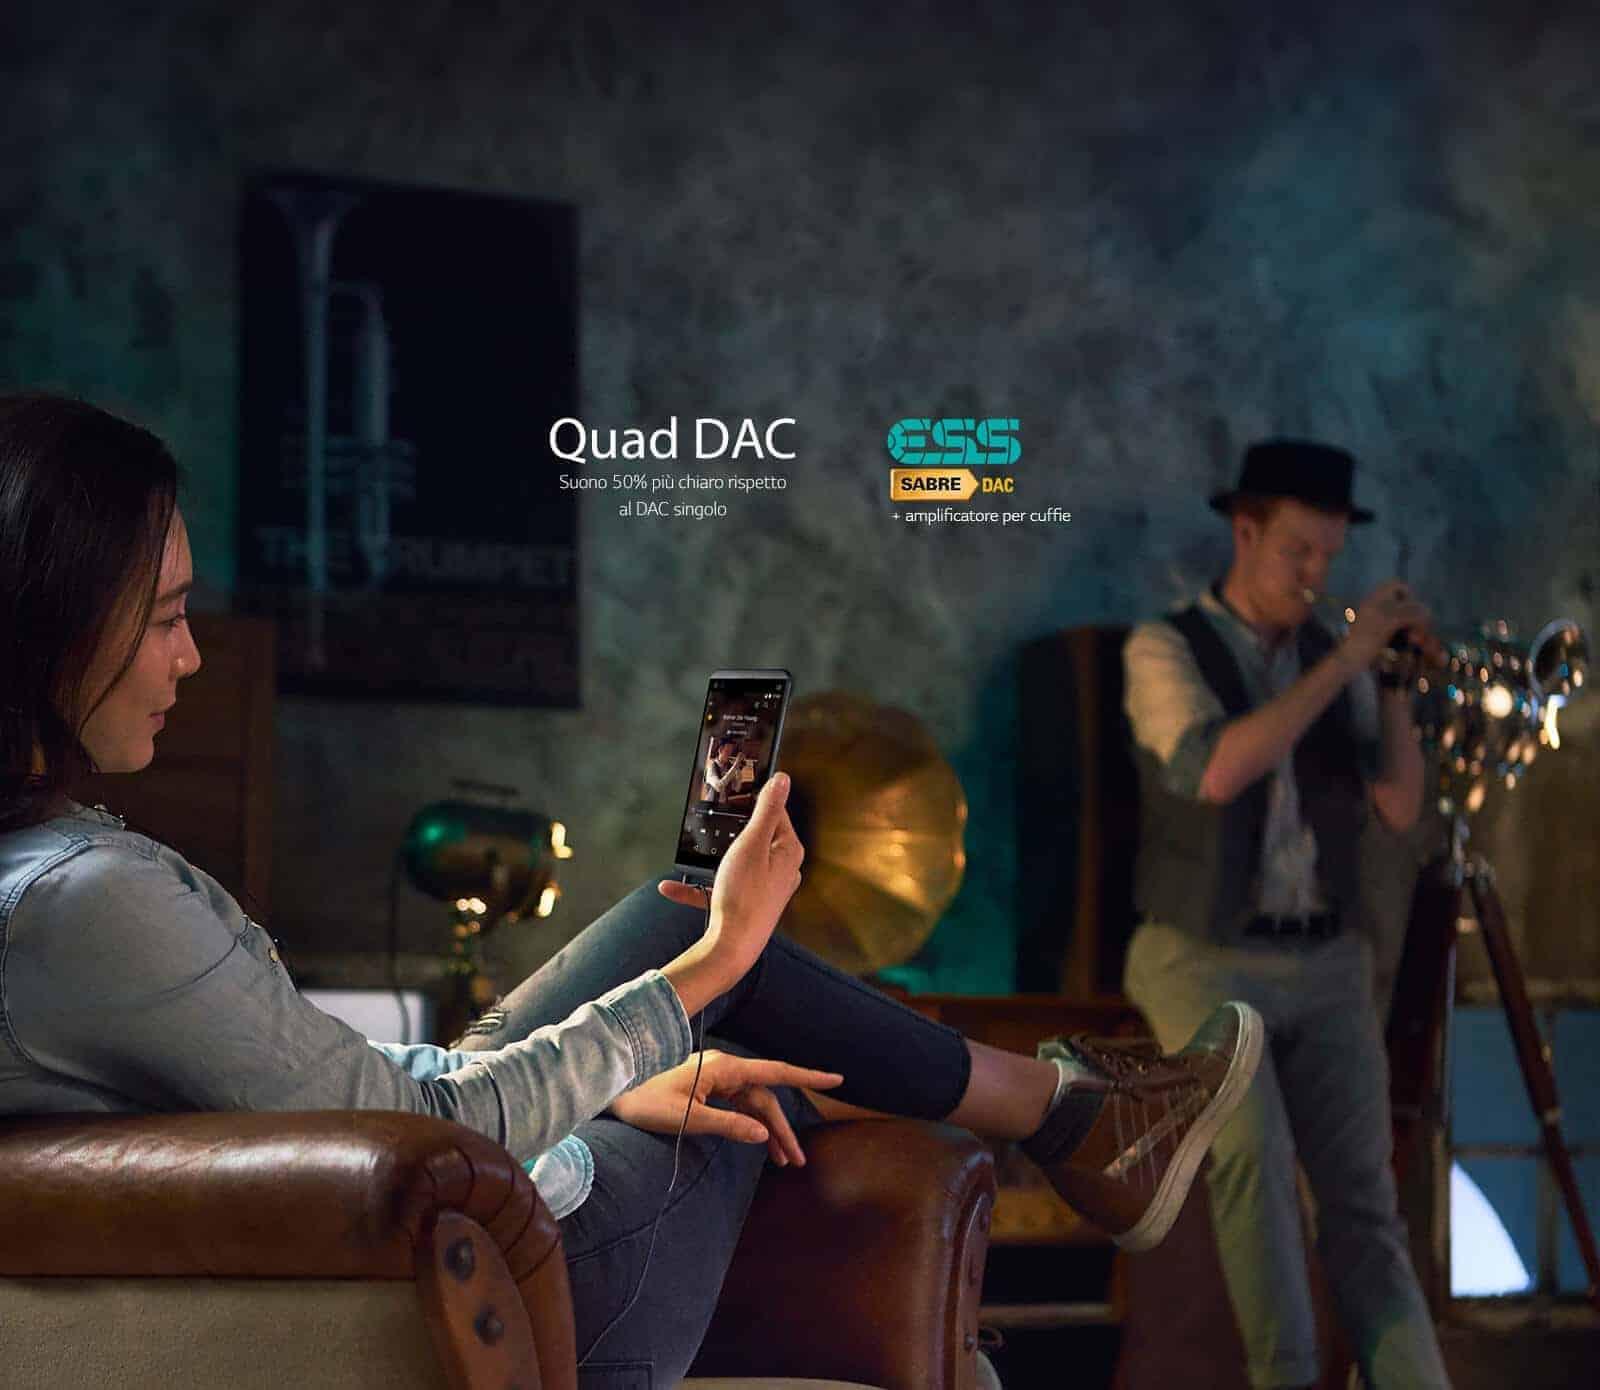 07 Q8 Hi fi quad dac 18072017 D